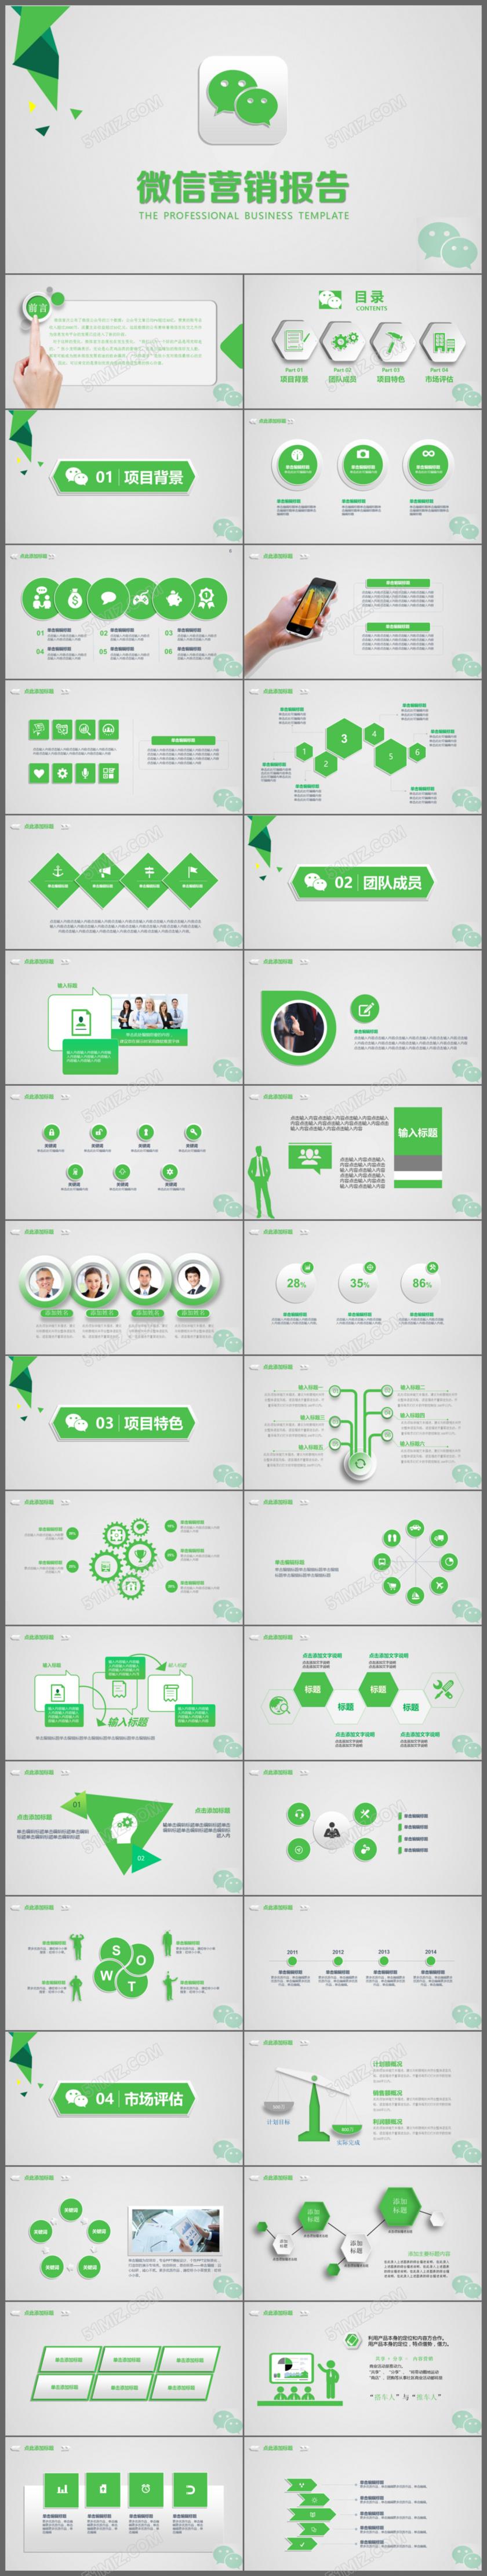 微信营销极简设计互联网营销终总结报告ppt模板